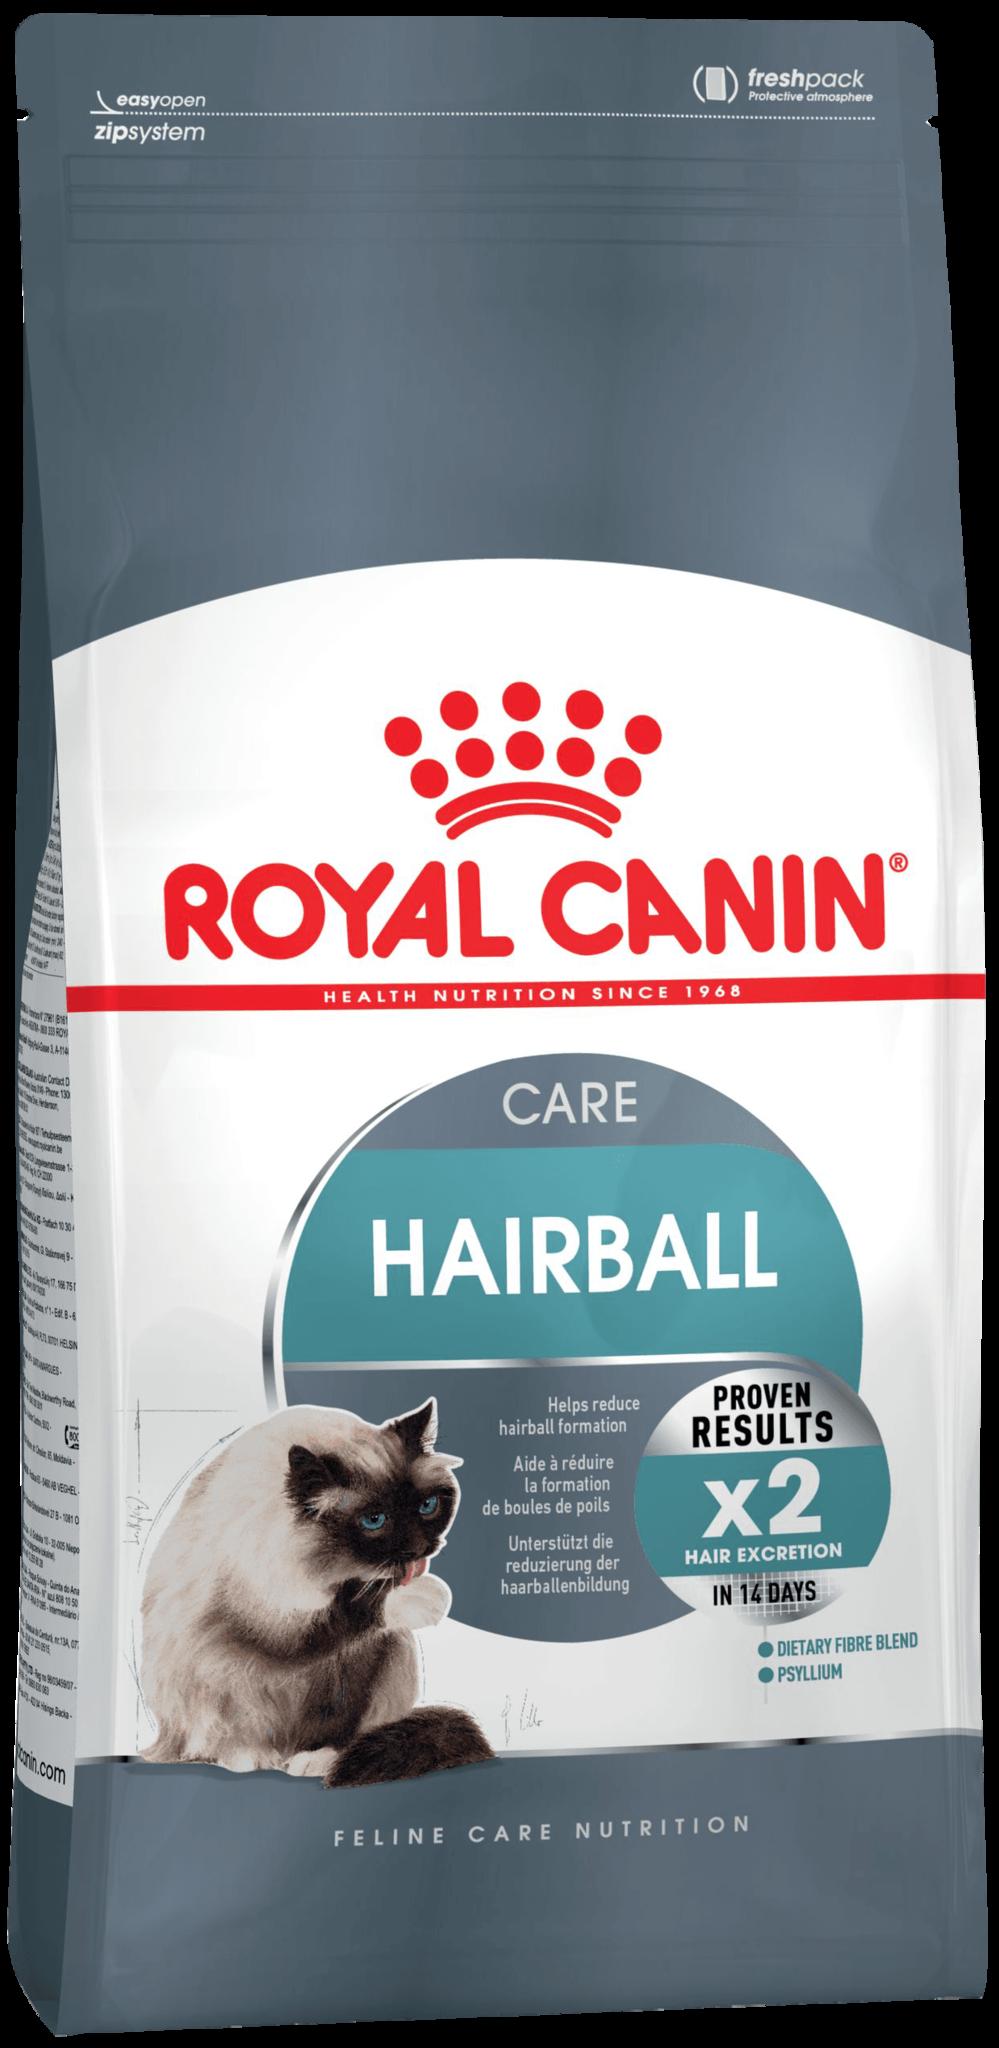 Корм и лакомства Корм для кошек, Royal Canin Hairball Care, в целях профилактики образования волосяных комочков в желудочно-кишечном тракте f_hairball-care.png